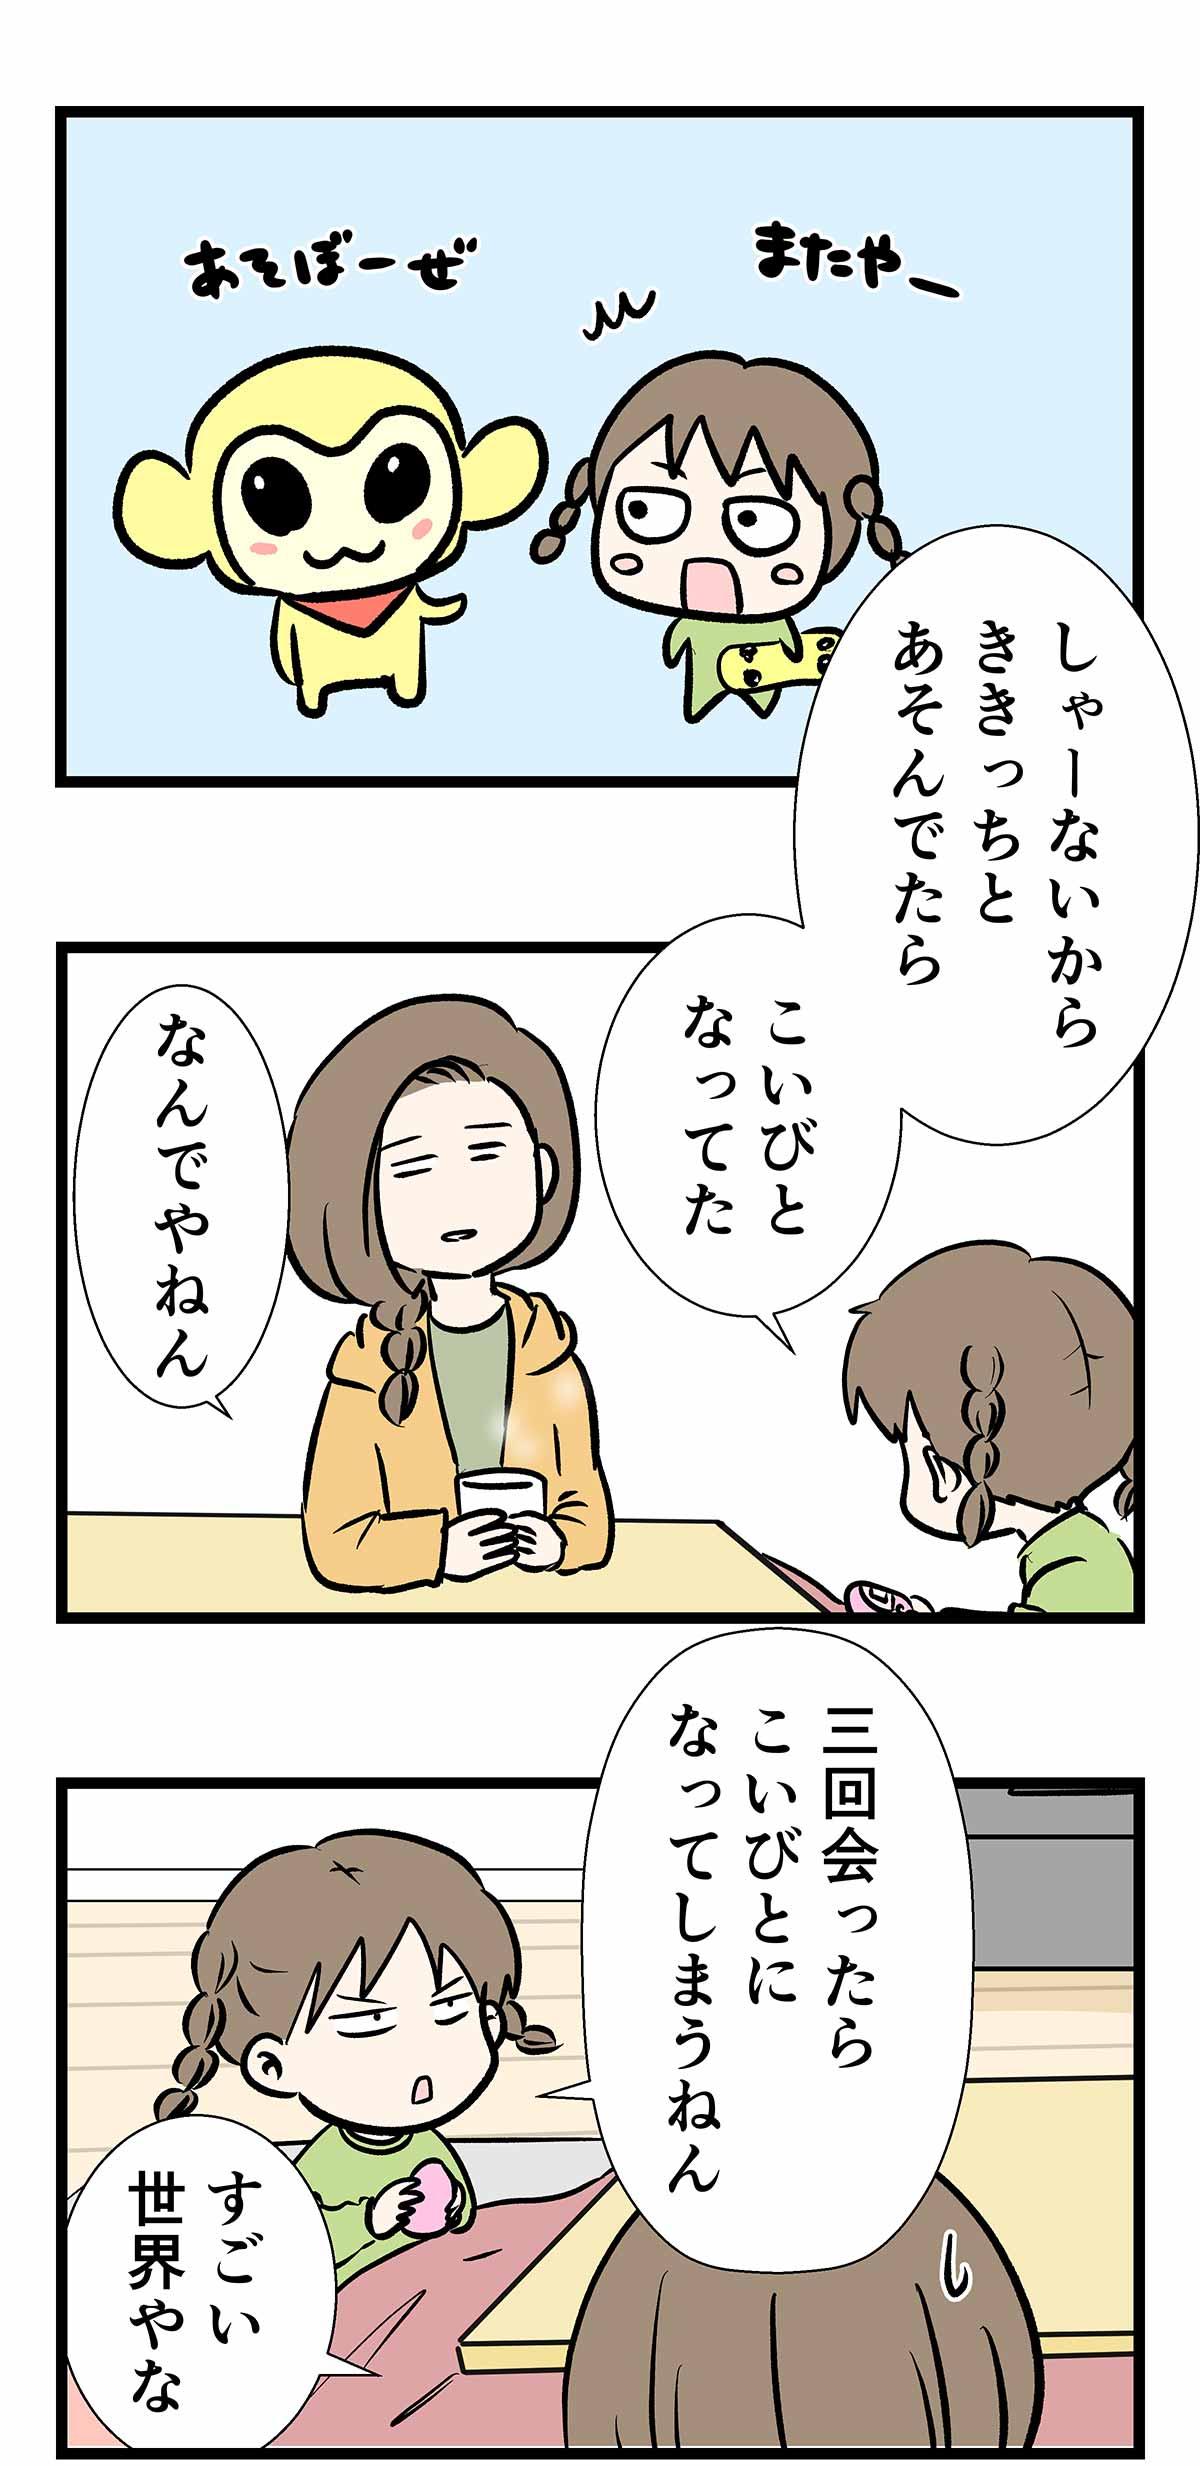 コ320 (1)a